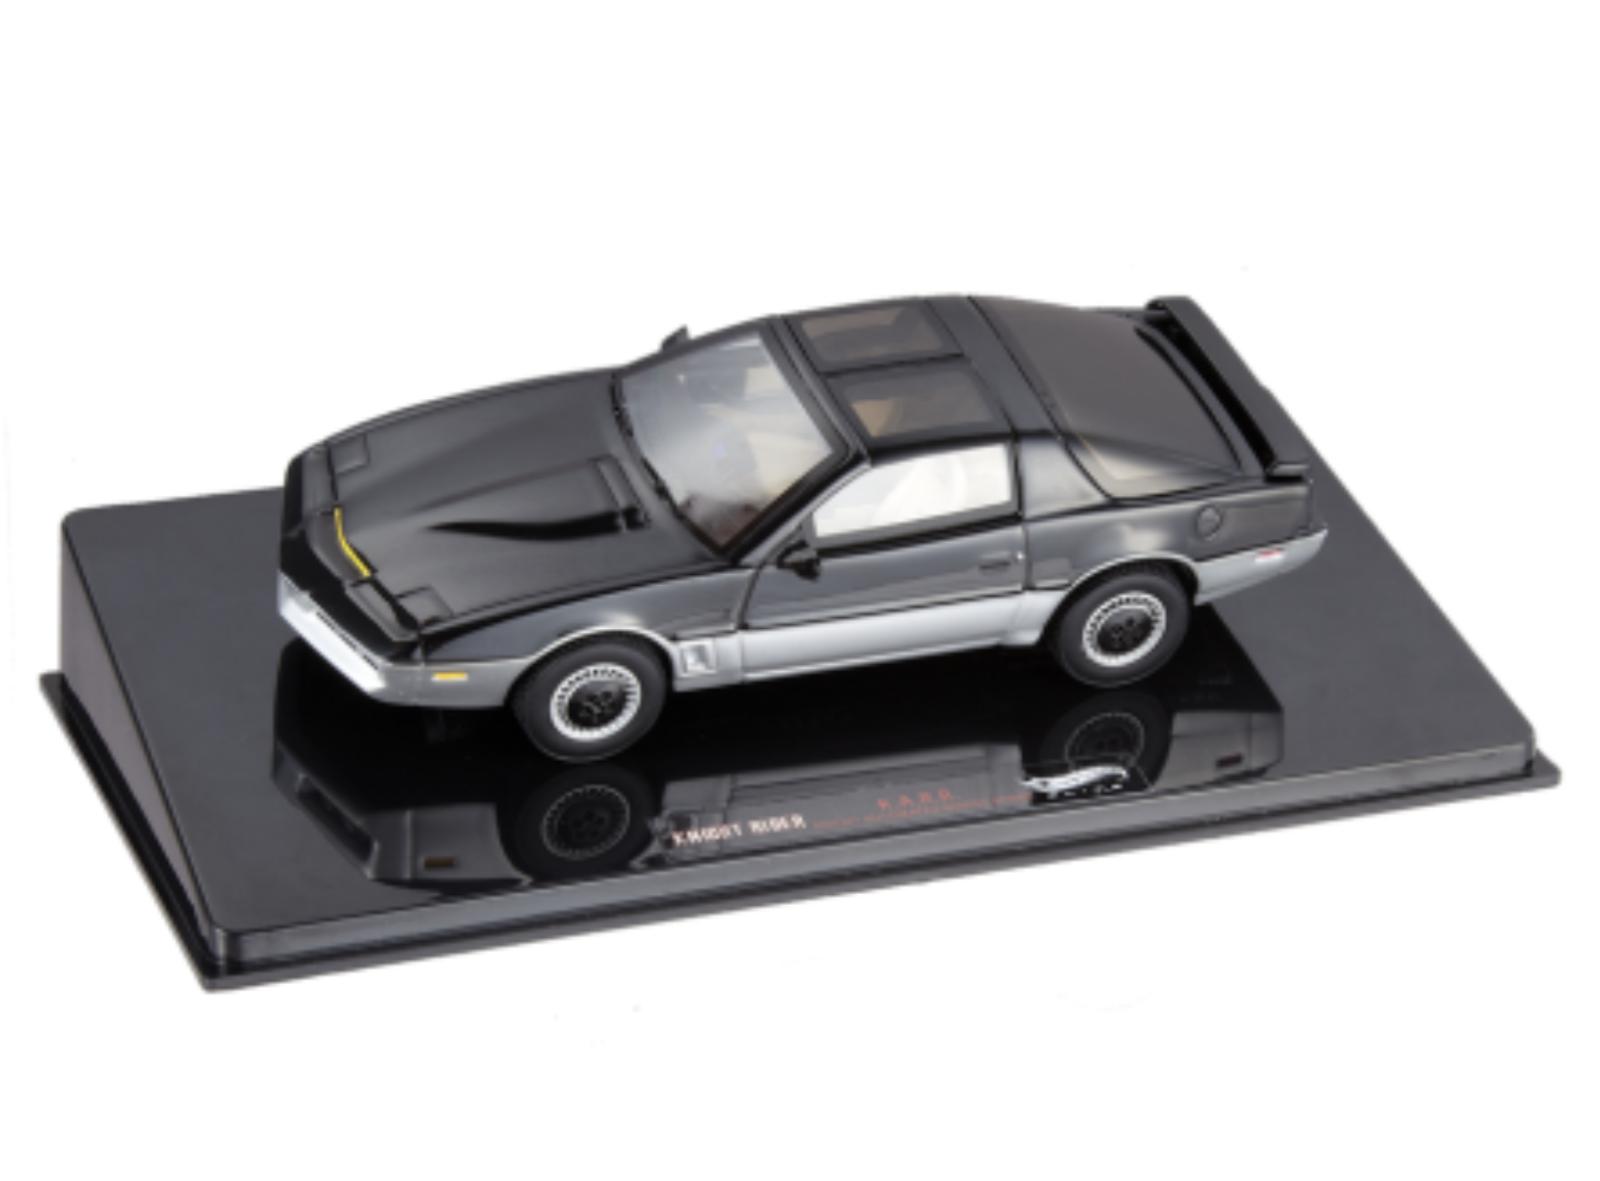 1 43 Pontiac Firebird Knight Rider 1 43 • HOT WHEELS BCT87